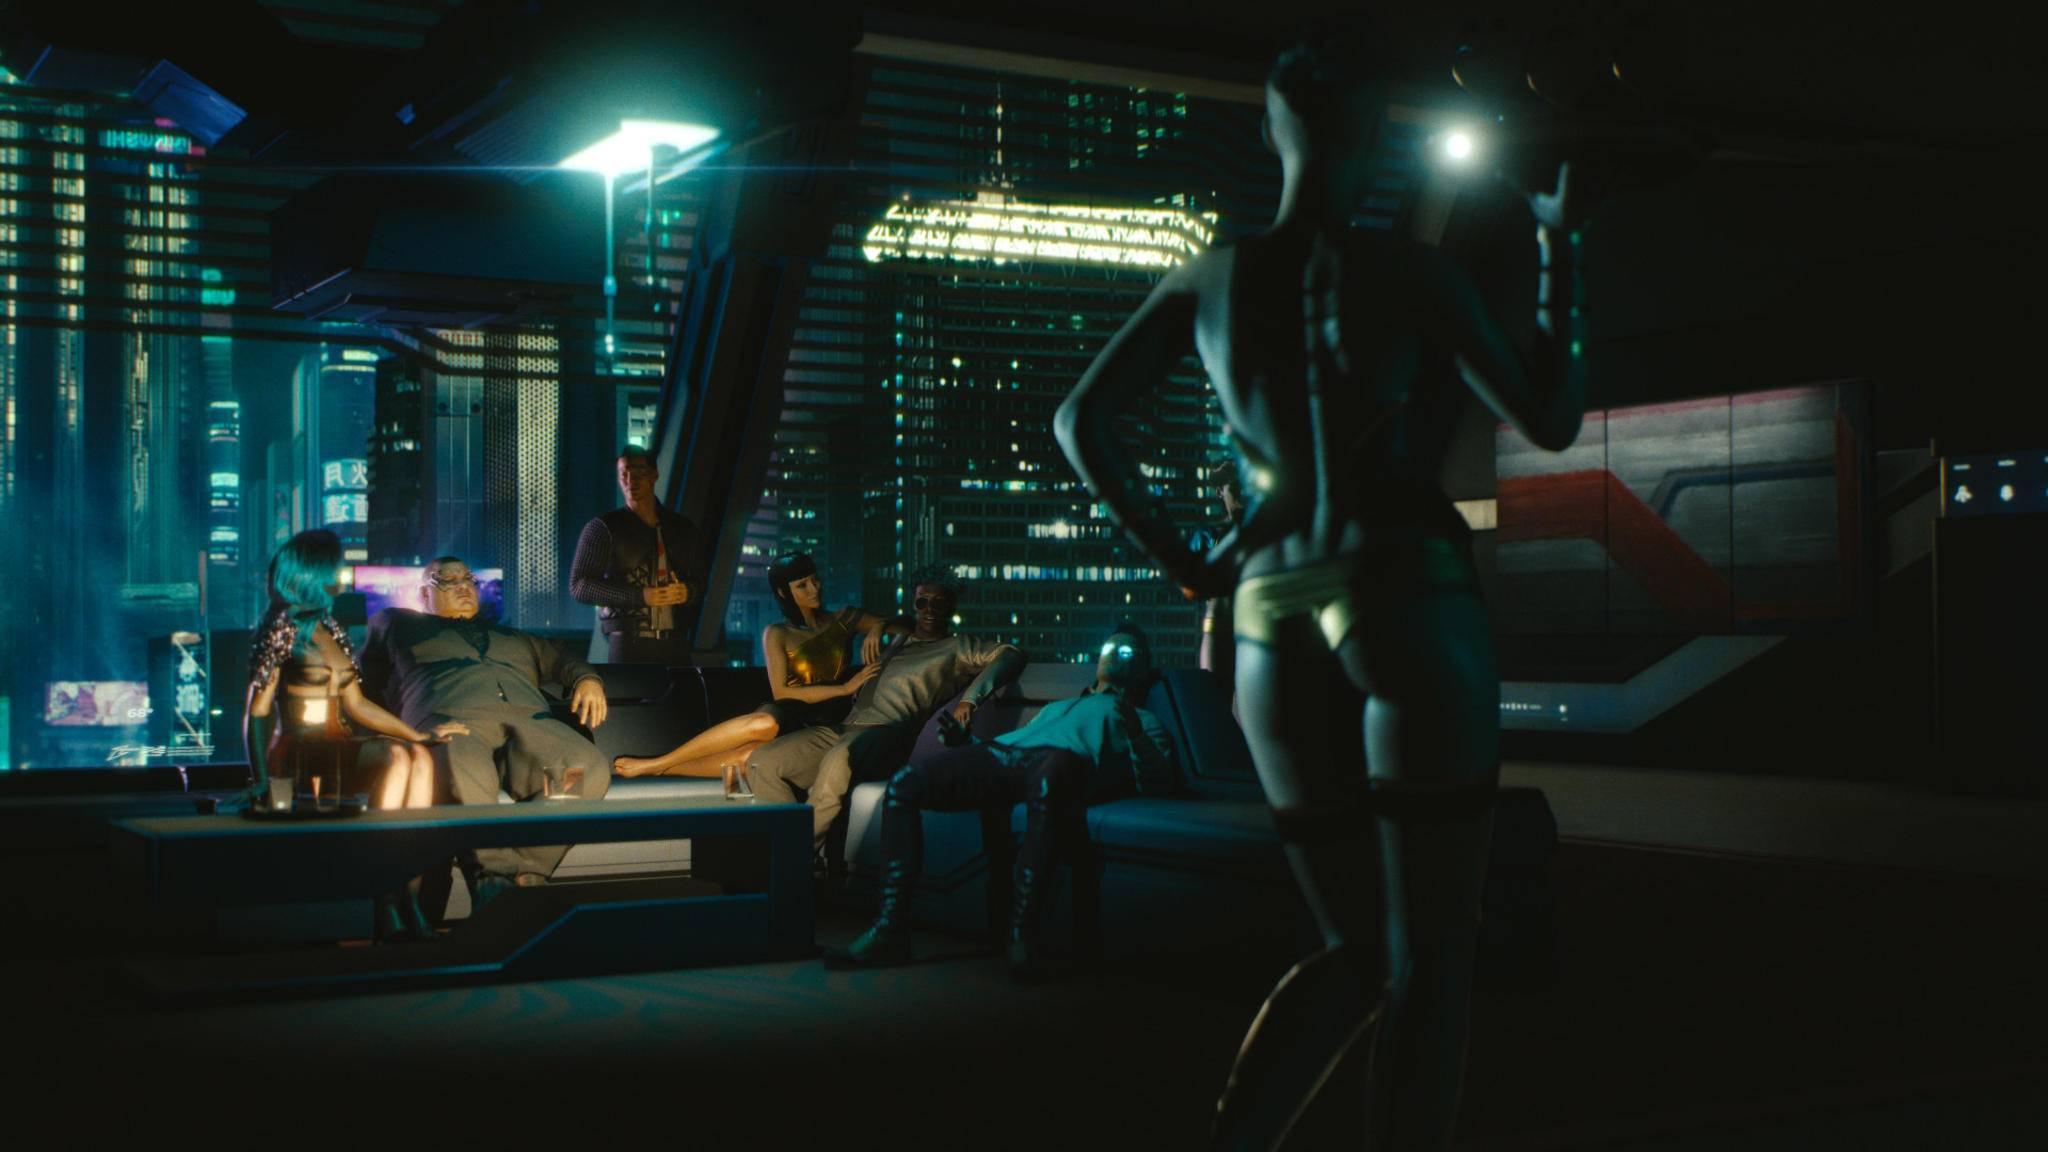 Wer im Luxus schwelgen will, braucht Geld – das gilt auch in Night City.